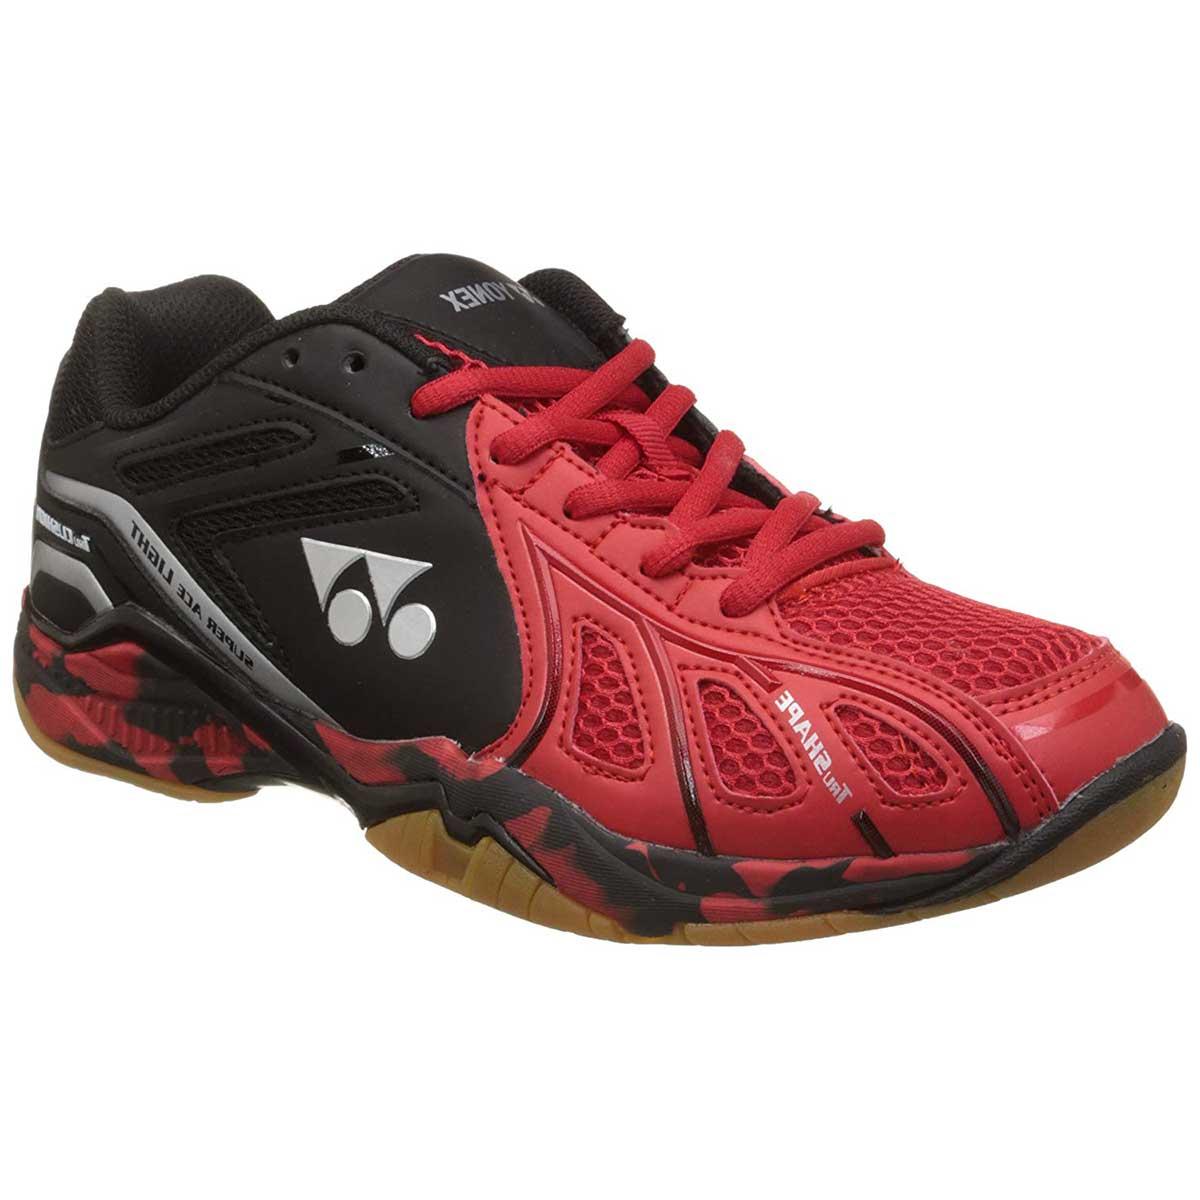 e6291fecb5f Buy YONEX Super Ace Light Badminton Shoes (Red Black) Online